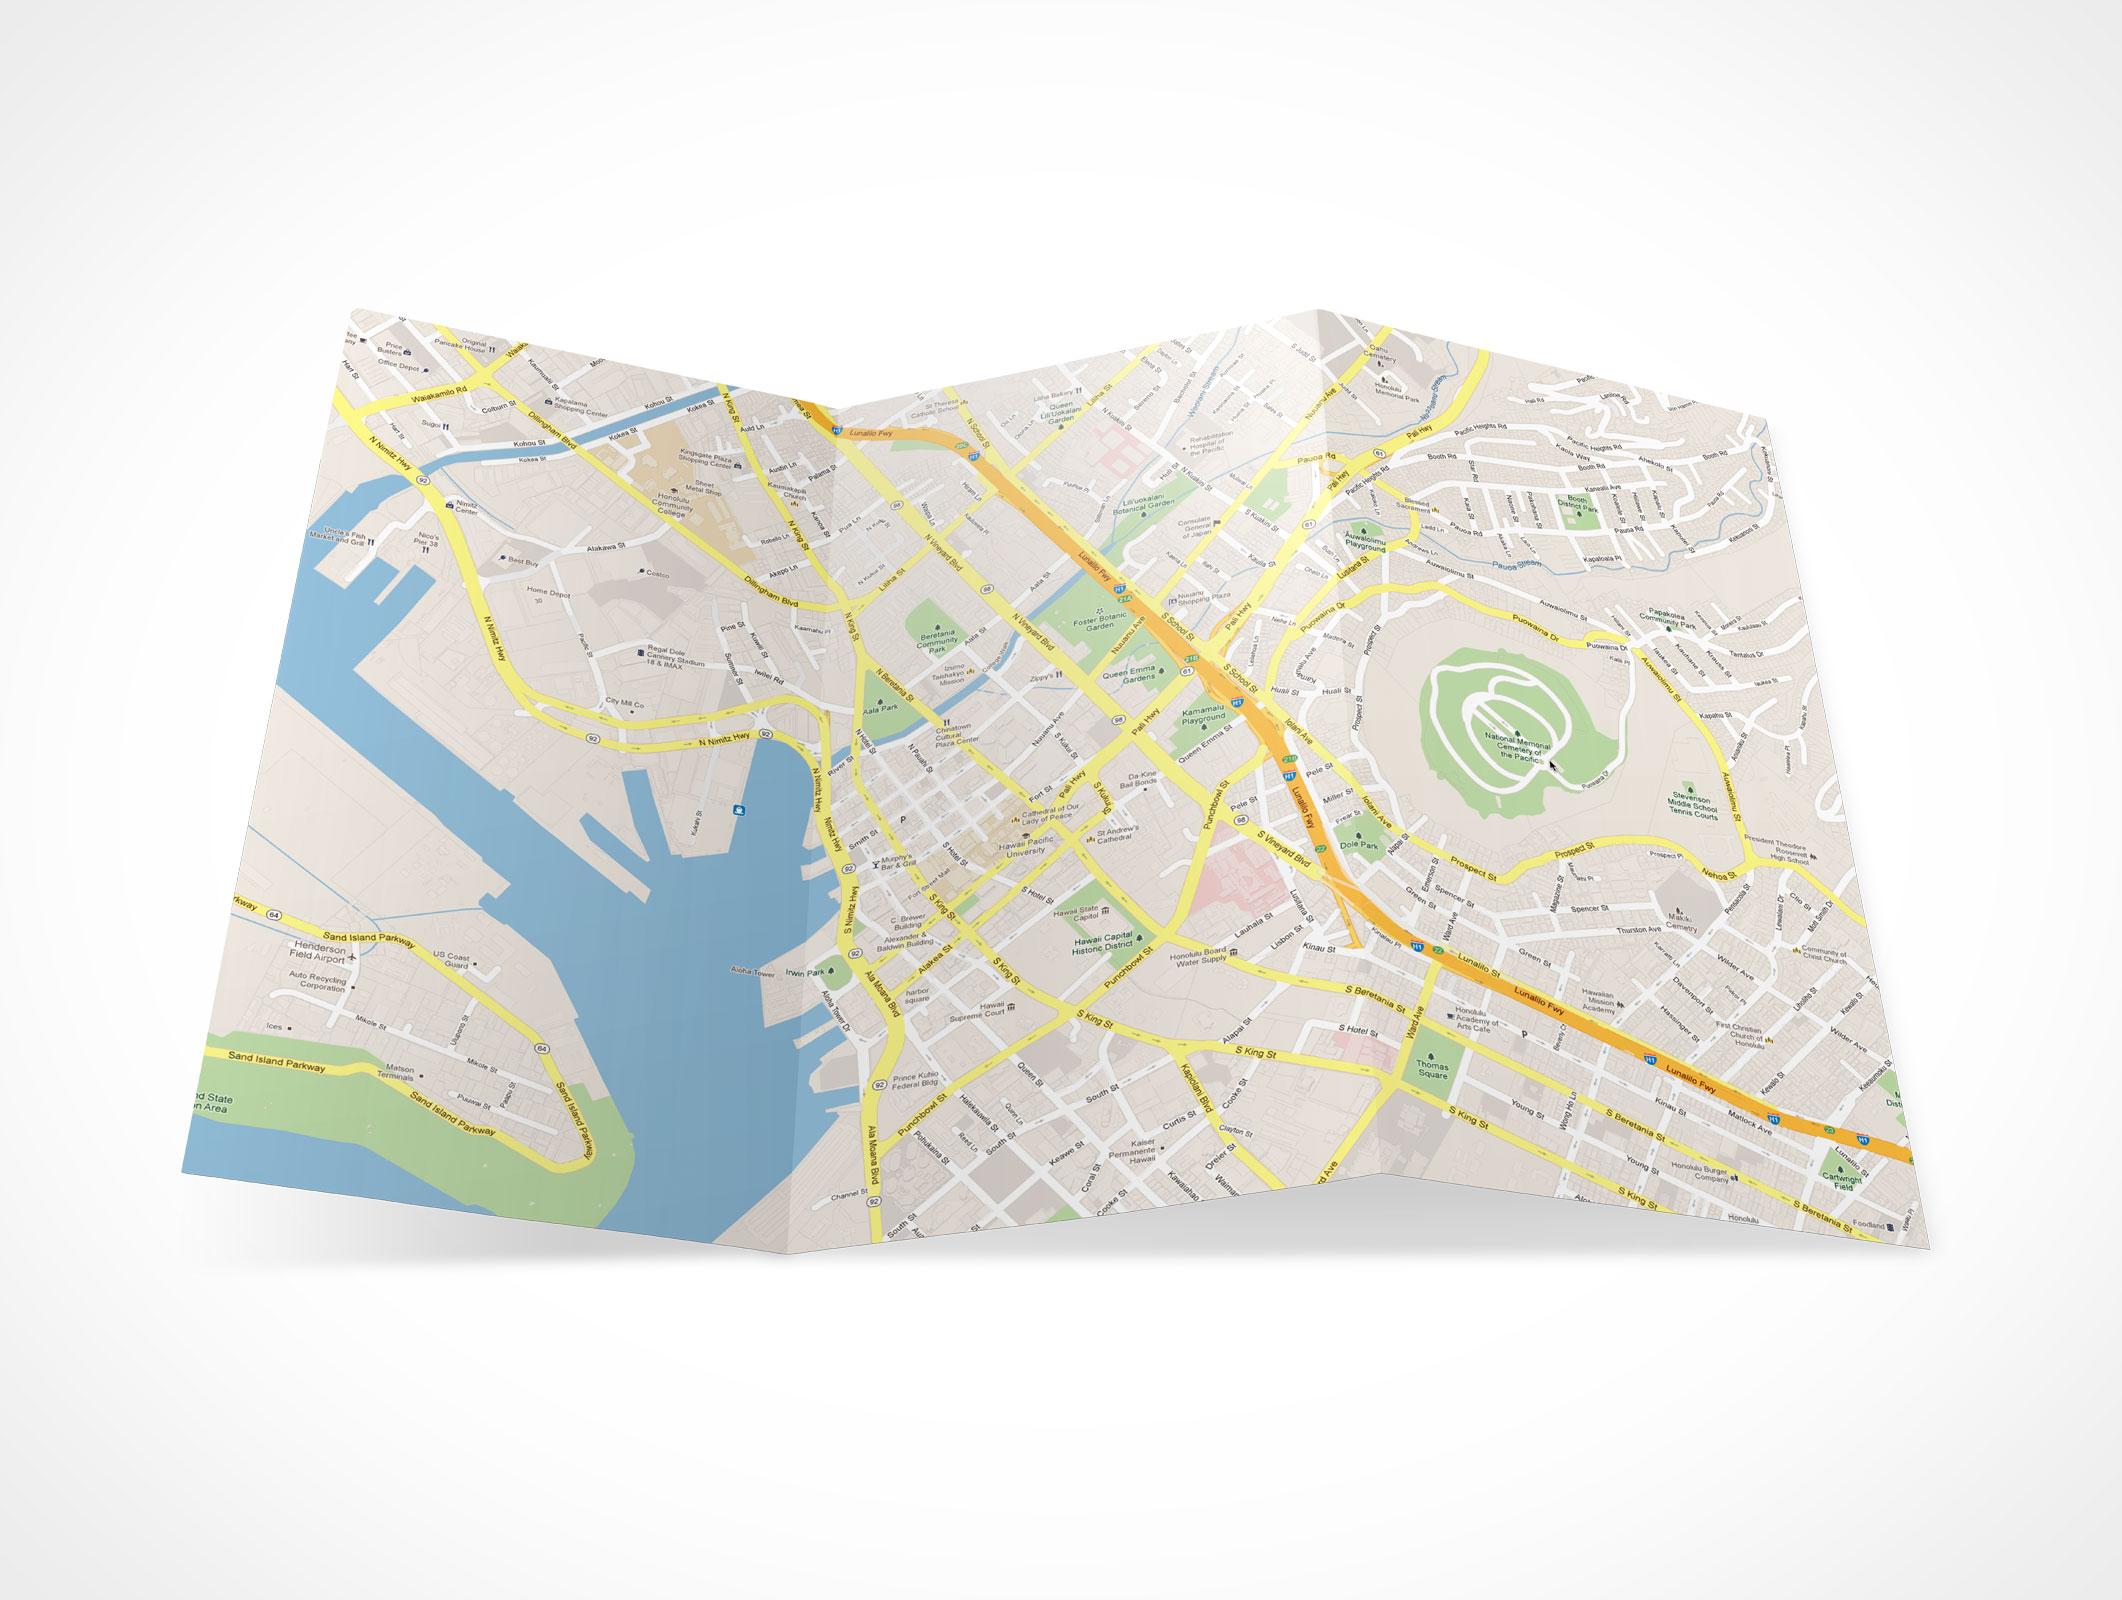 brochure002  u2022 market your psd mockups for brochure